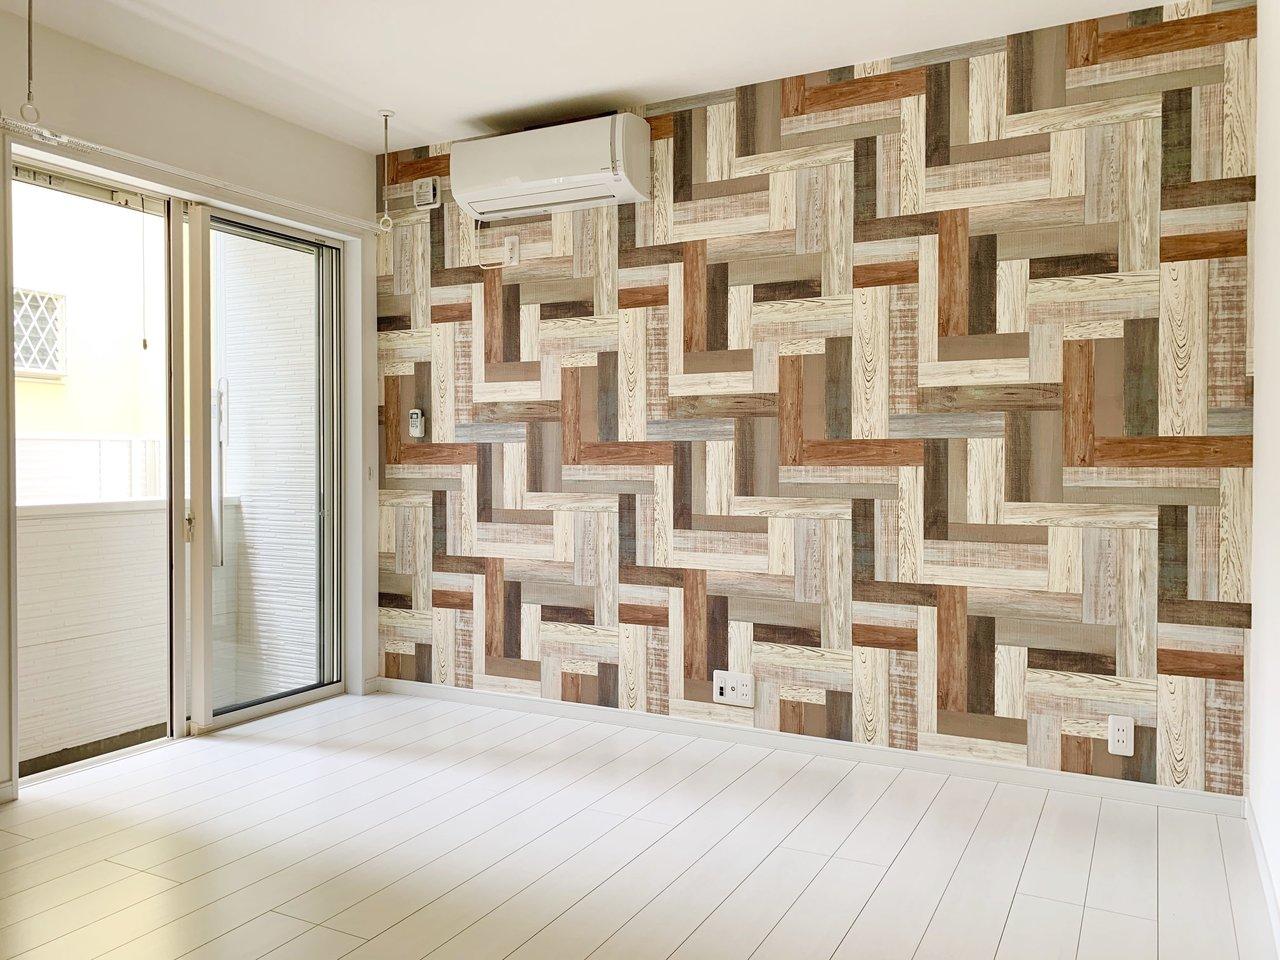 8.44畳のワンルーム。一見に派手に見えるけど、意外とナチュラルな家具とも相性の良い、木の風合いも感じられる壁紙がお出迎え。